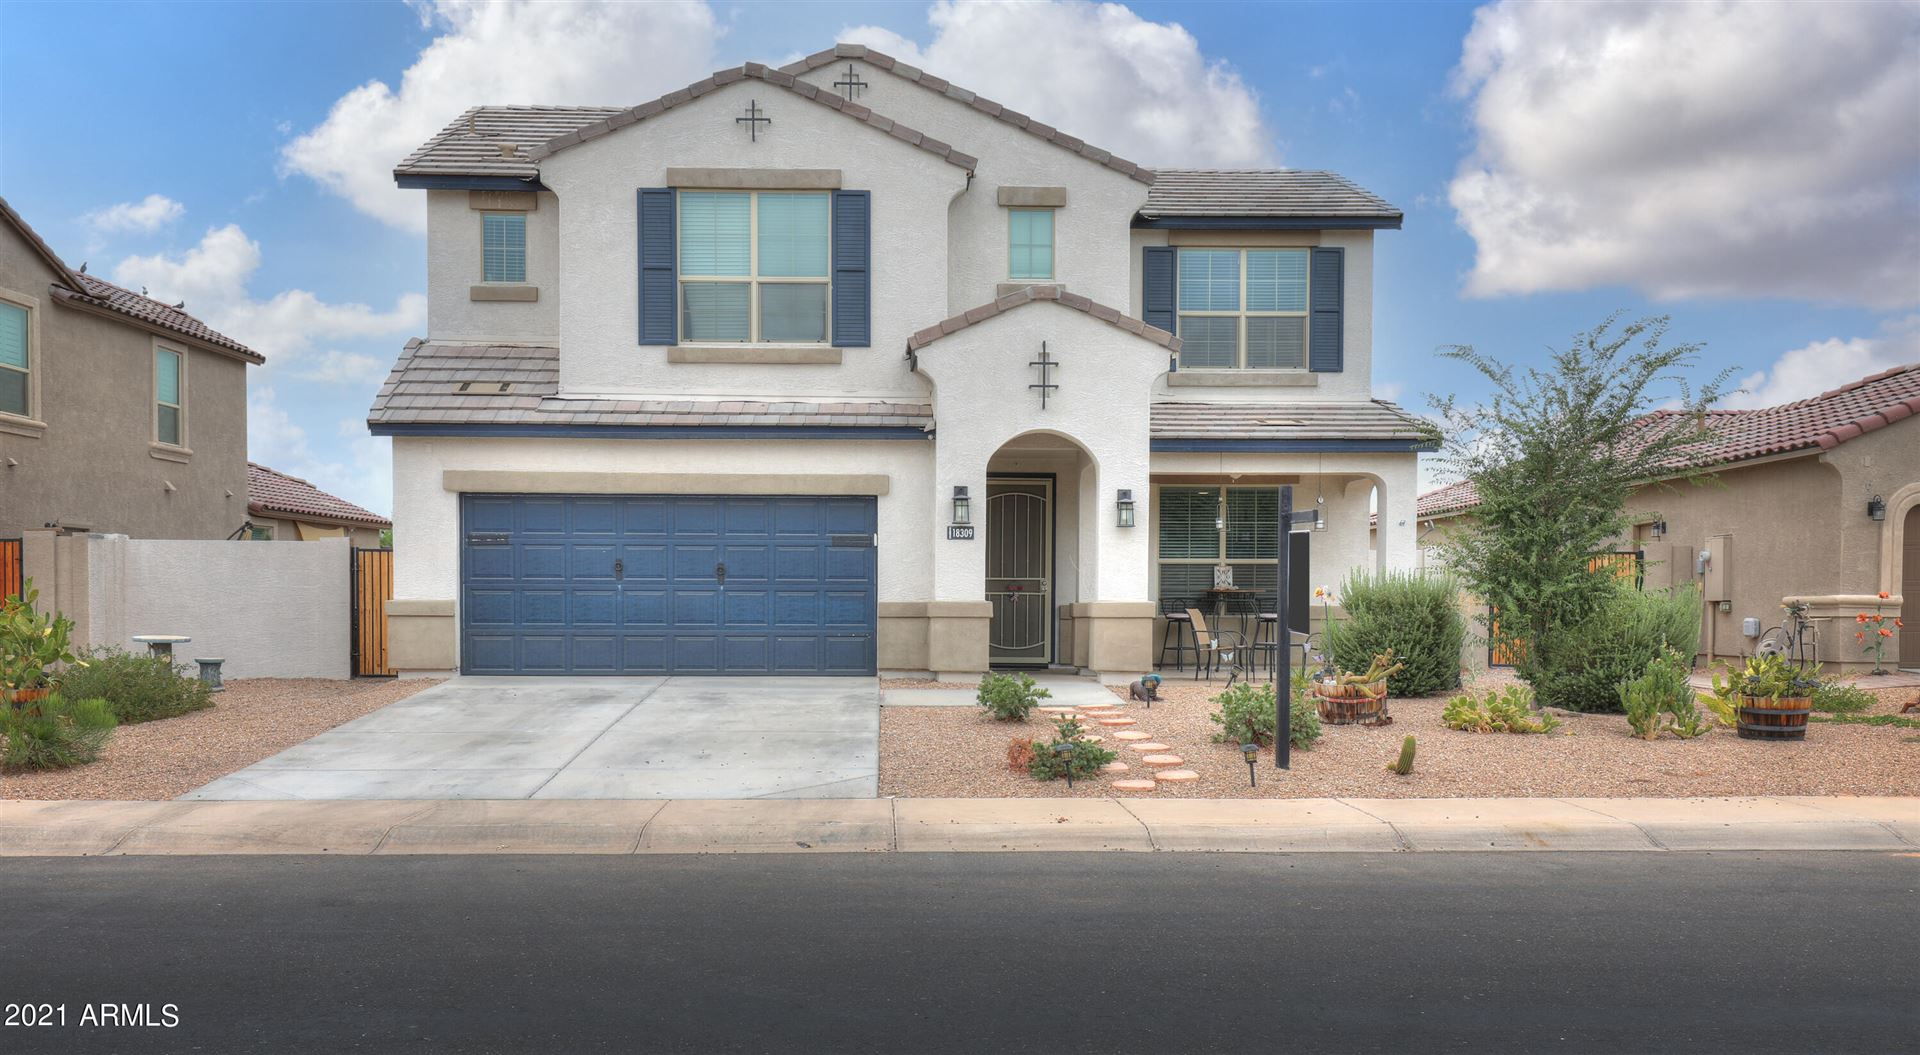 Photo for 18309 N CRESTVIEW Lane, Maricopa, AZ 85138 (MLS # 6259375)